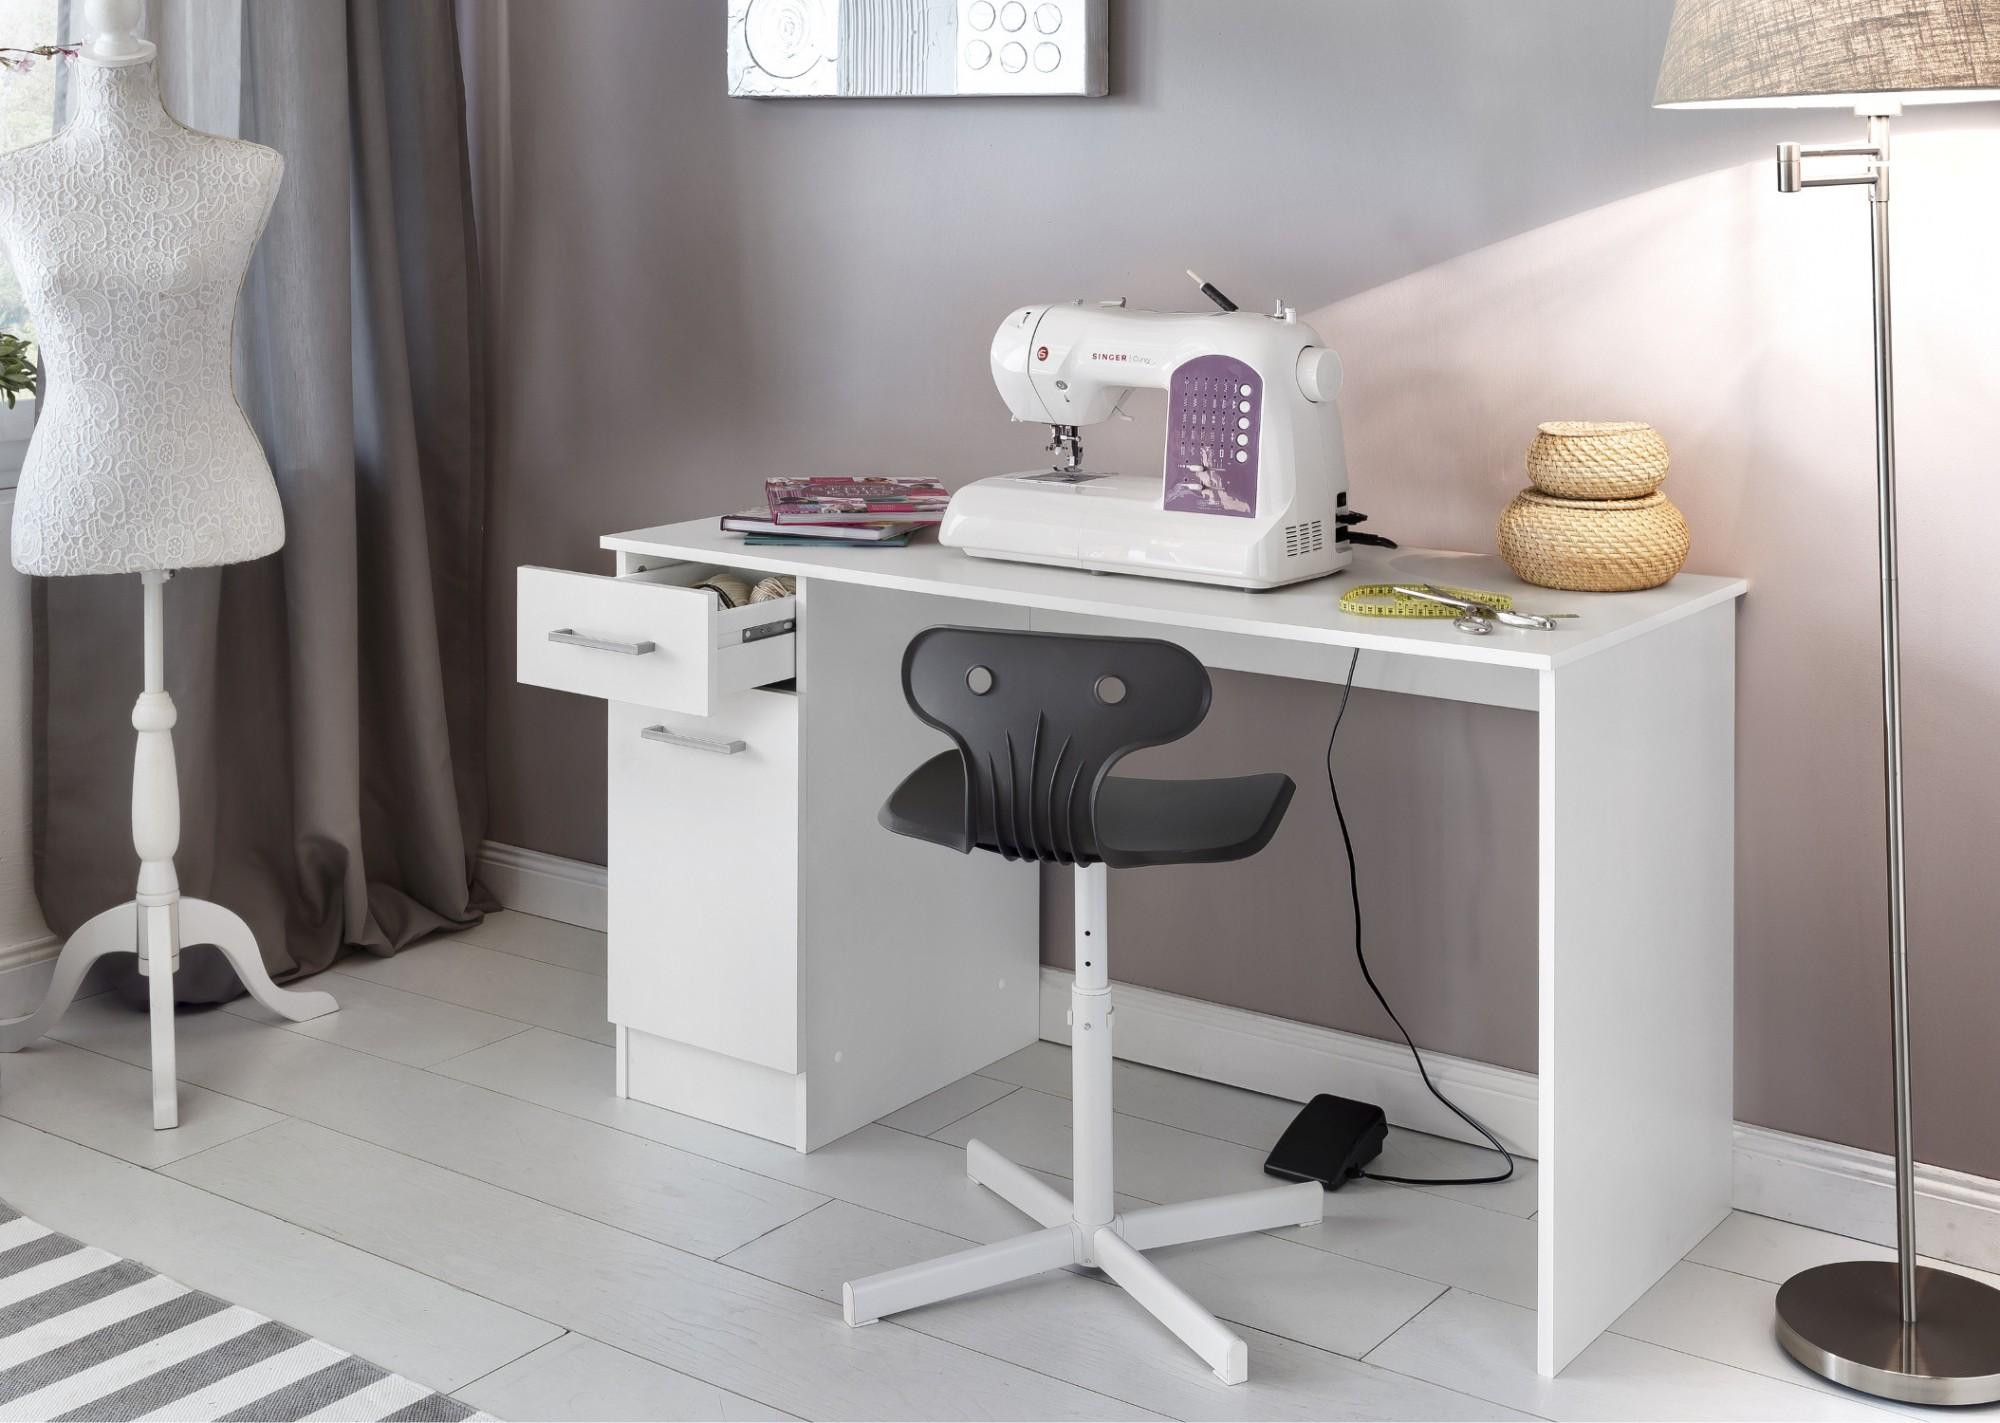 neu n hmaschinentisch lina 1 t r 1 schubladen 120 cm breit weiss ebay. Black Bedroom Furniture Sets. Home Design Ideas